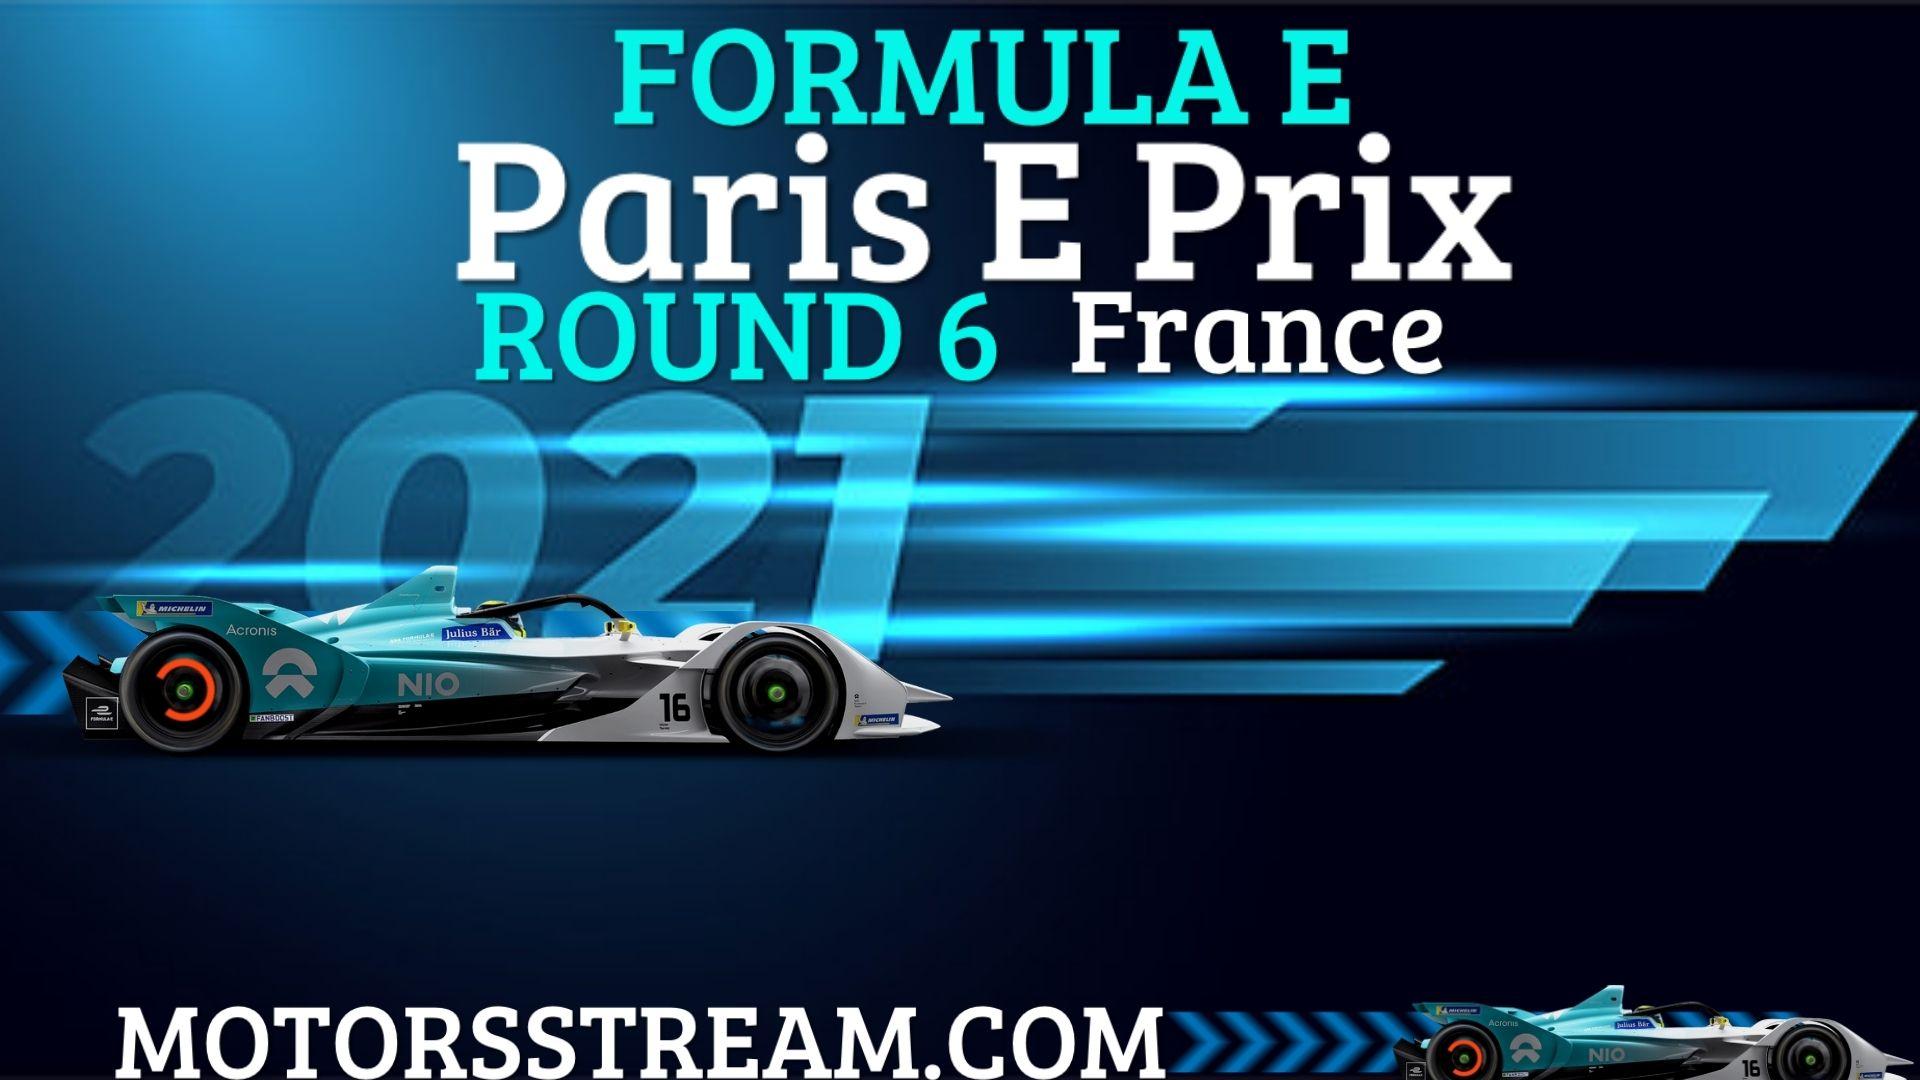 Paris E Prix Round 6 Live Stream 2021 | Formula E